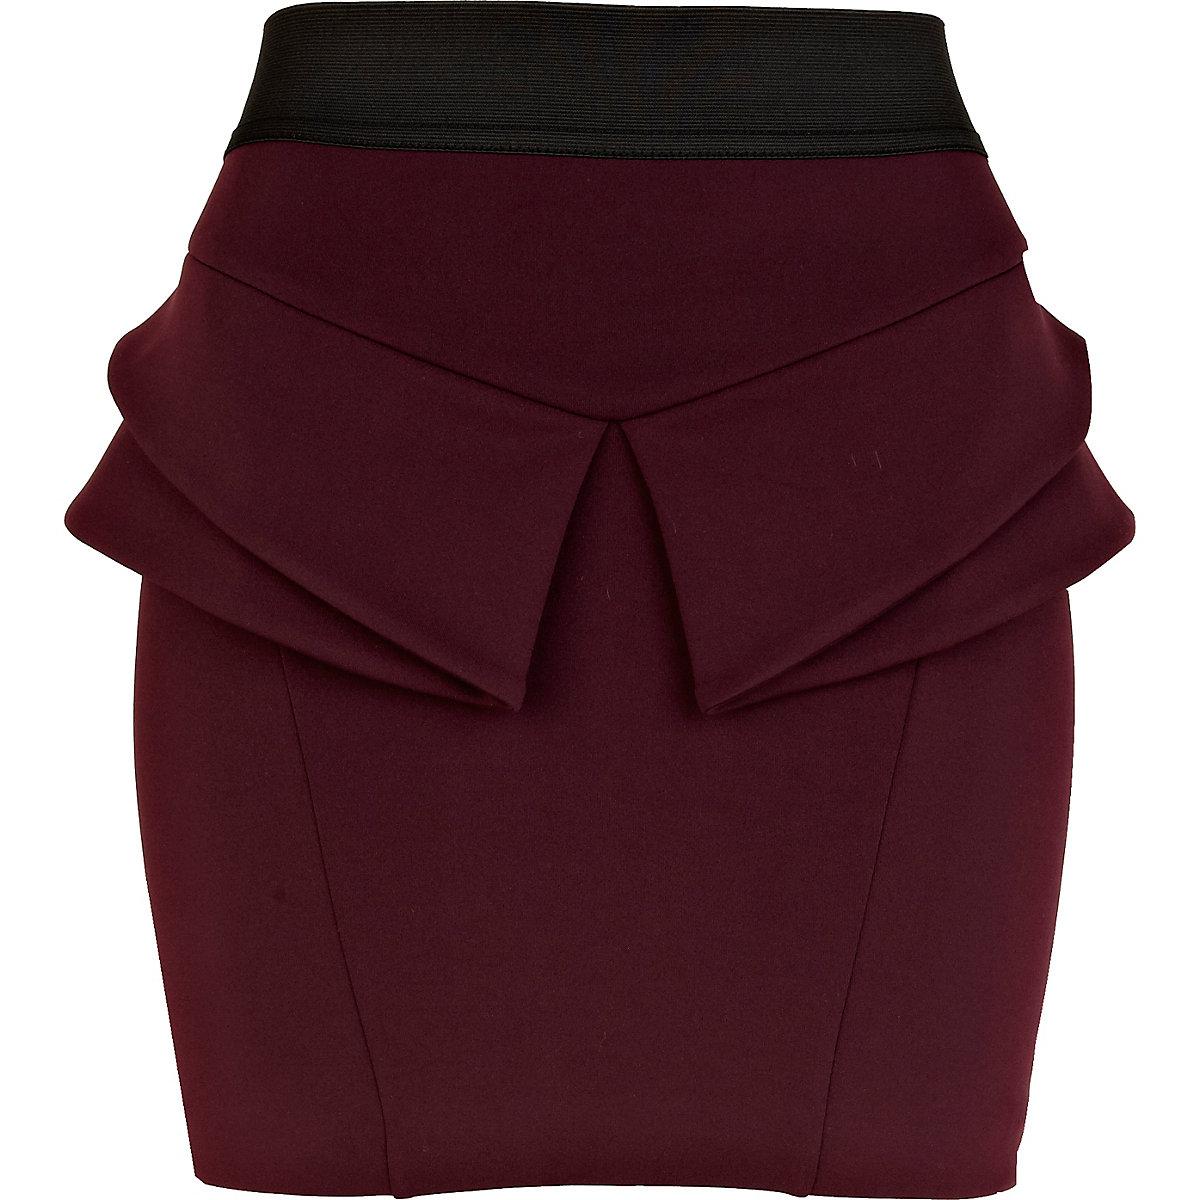 Dark purple peplum skirt